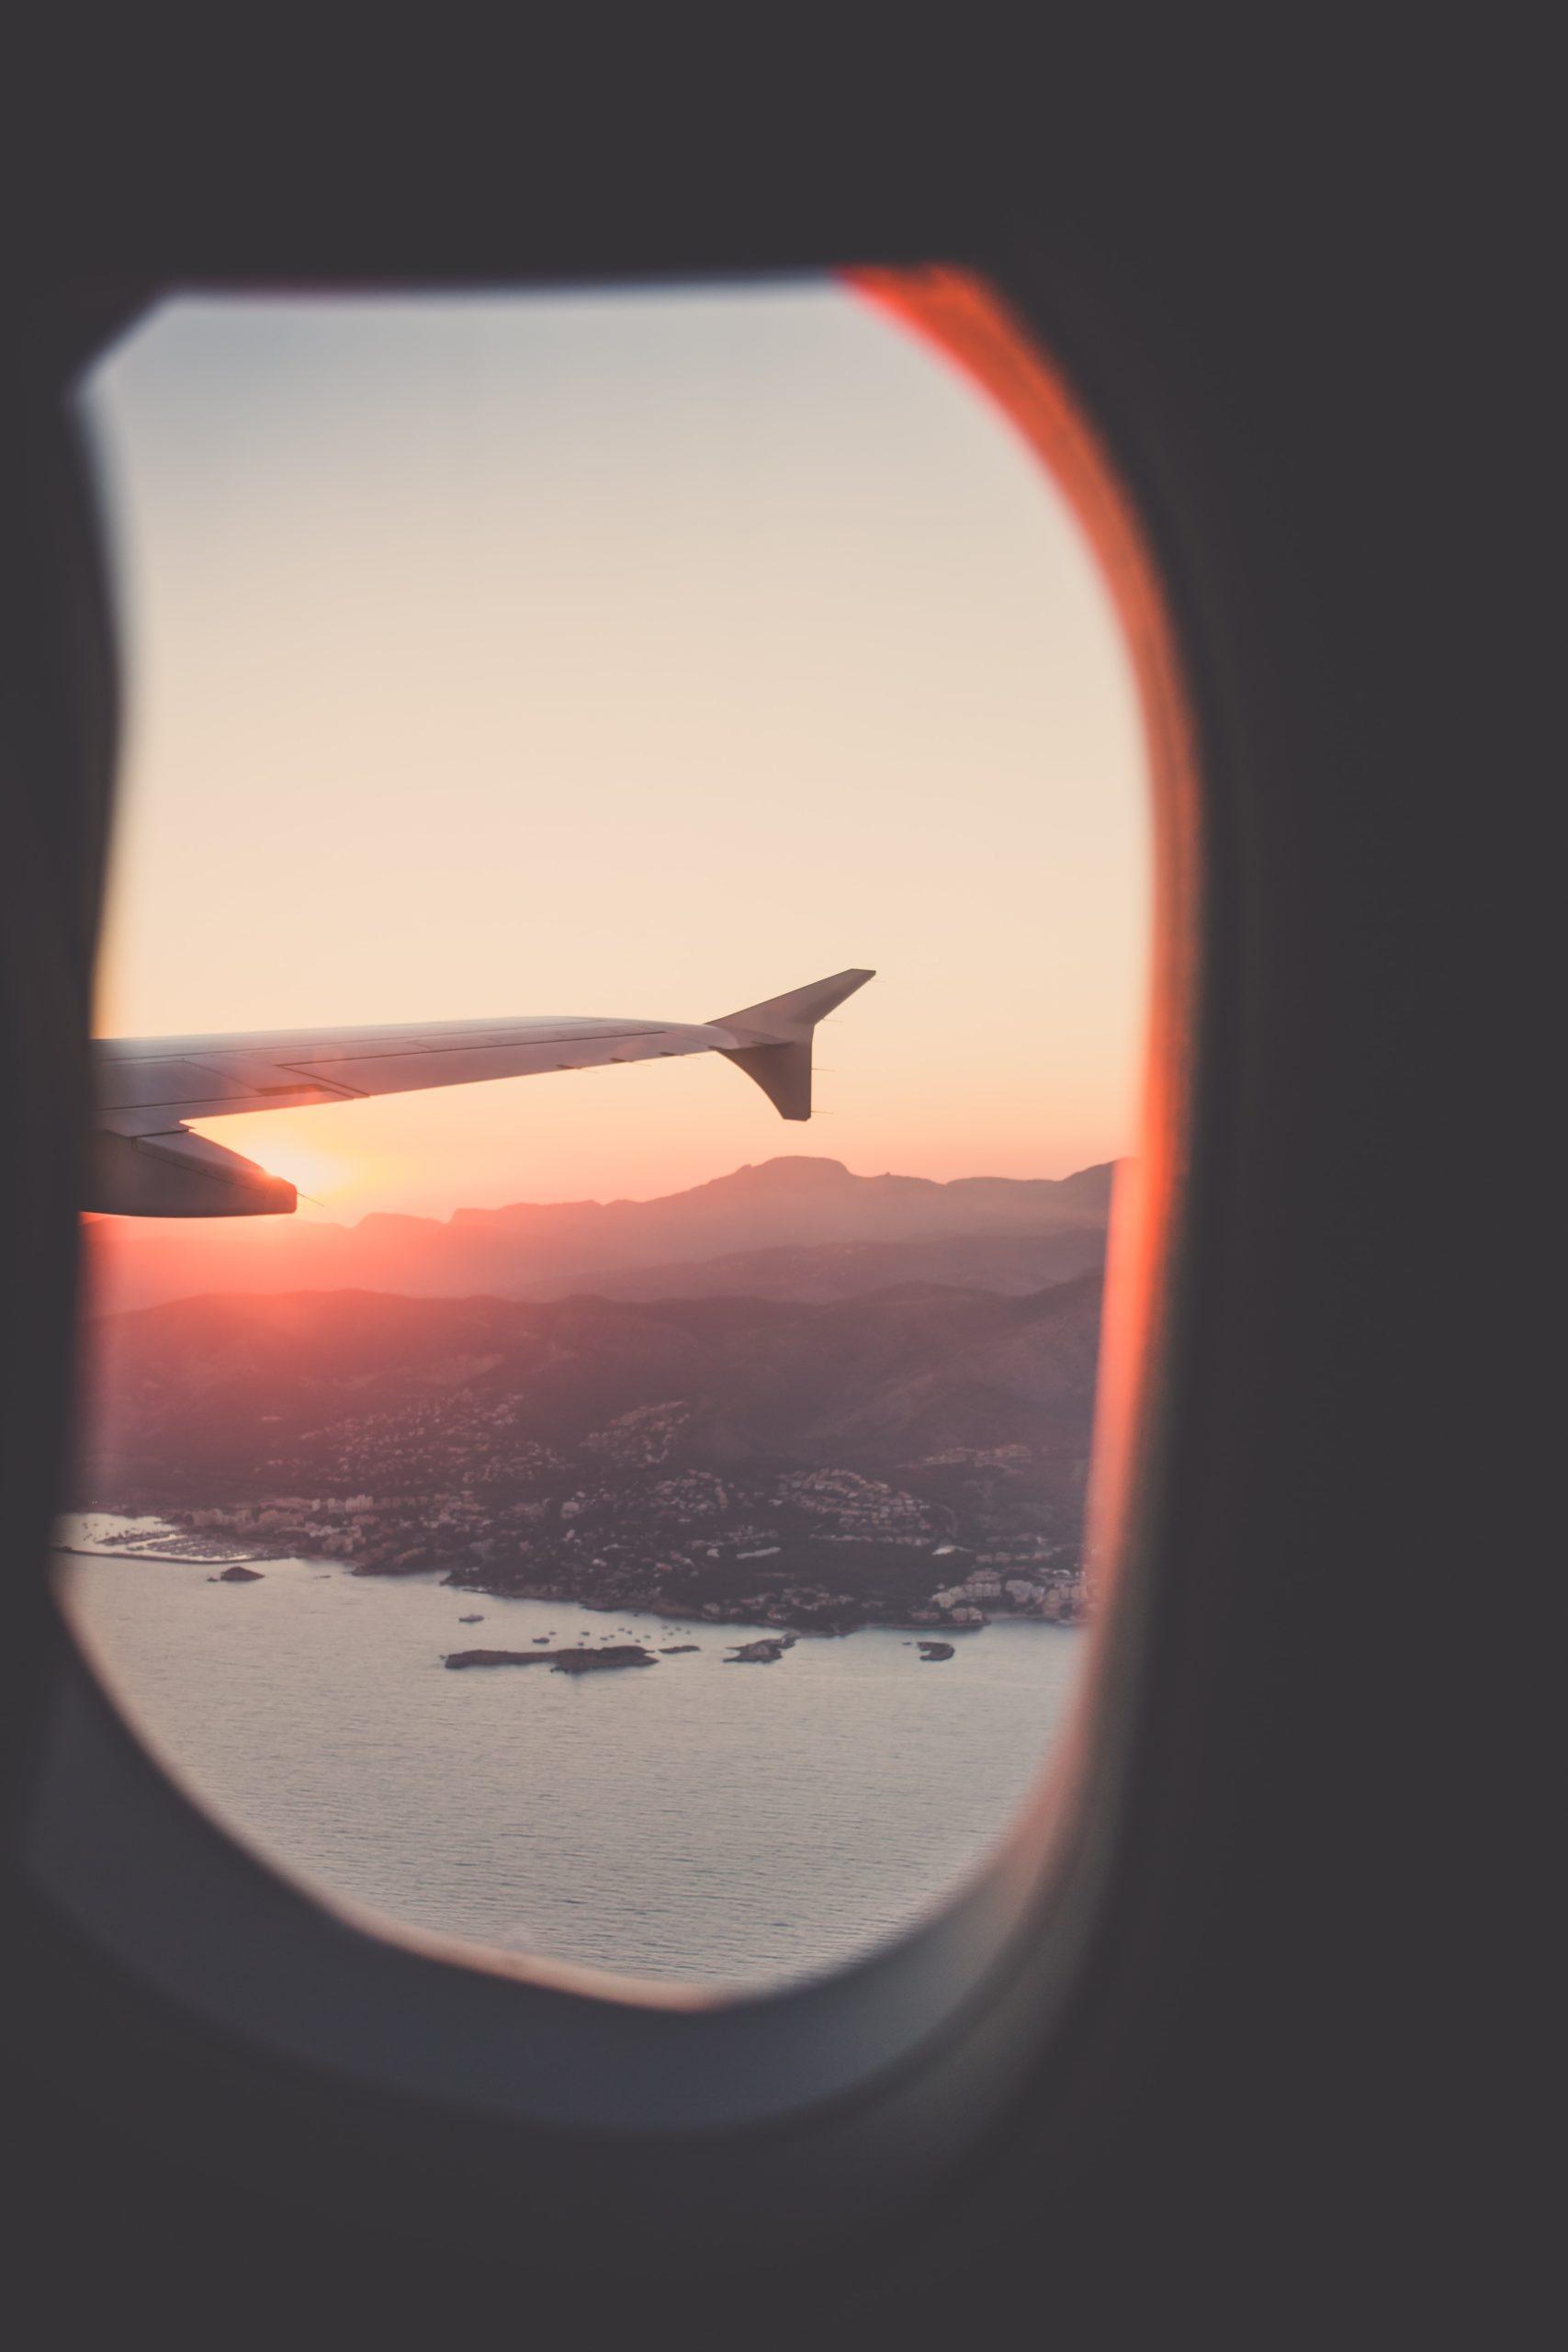 Comment bien planifier son futur voyage ?